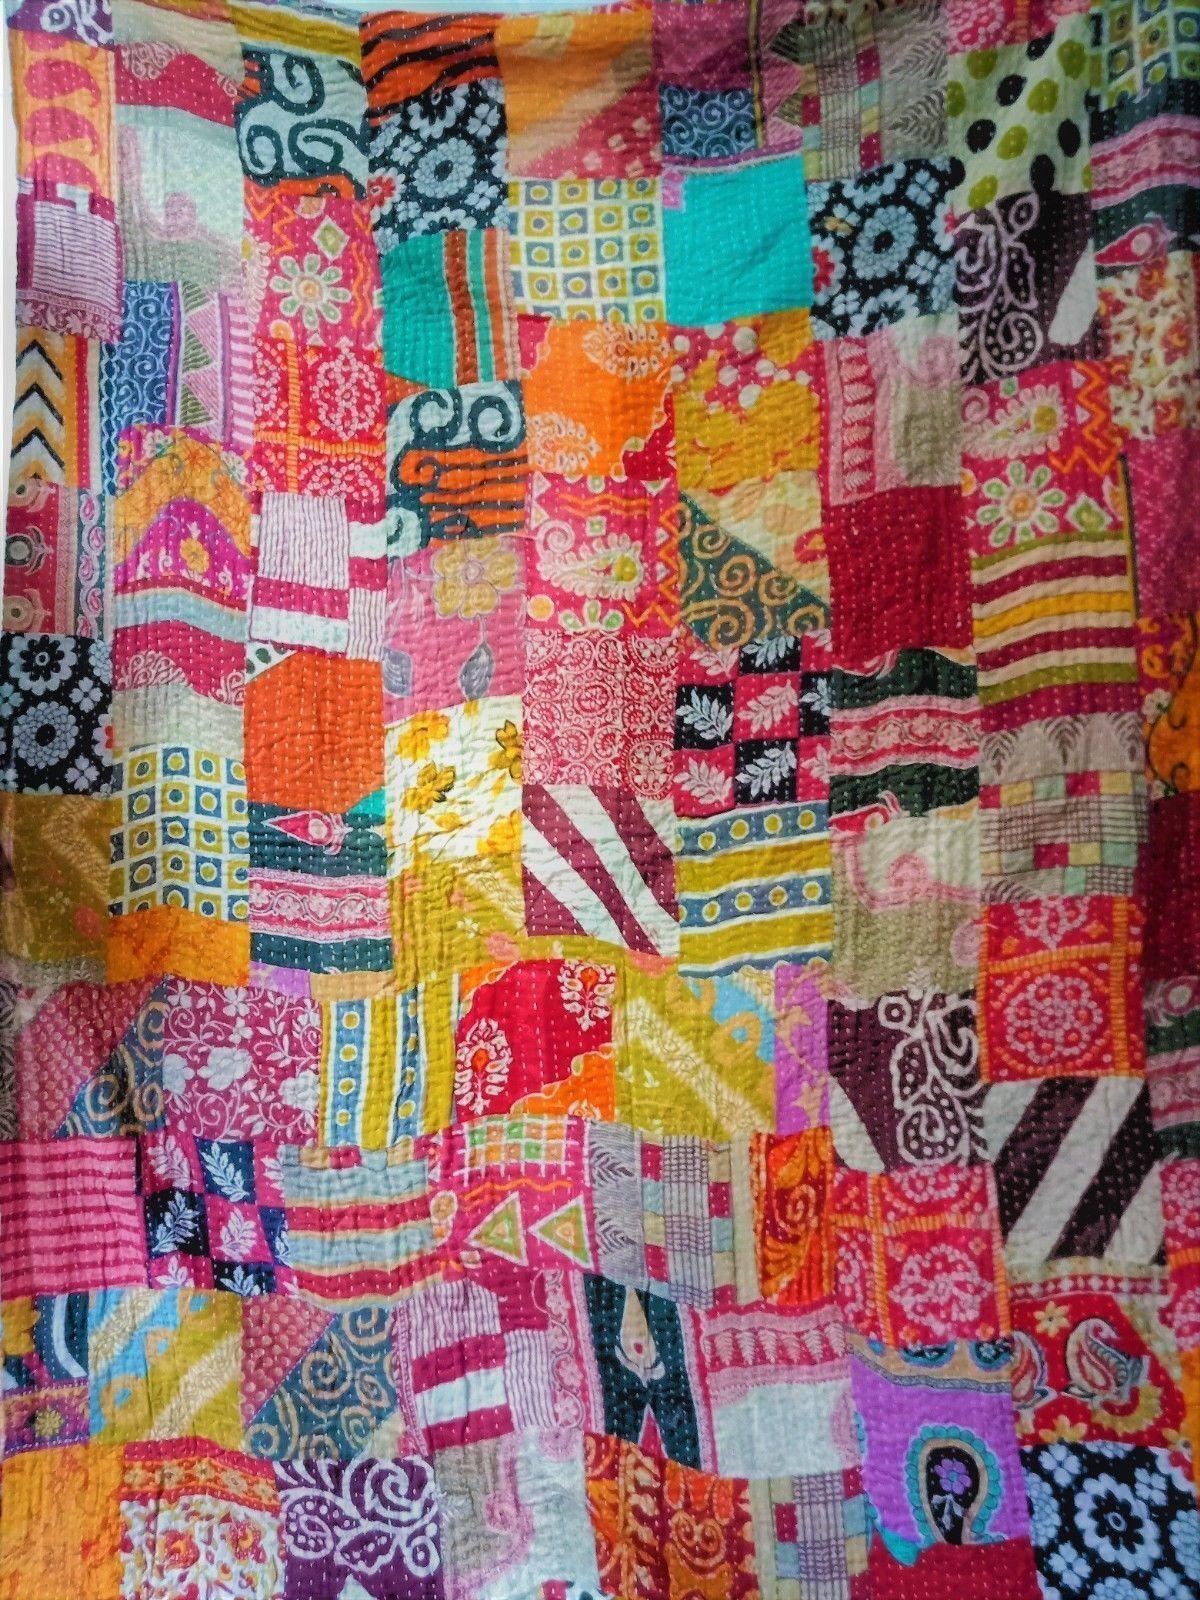 Vintage Patchwork Kantha Quilt Blanket Indian Quilts Bedspre